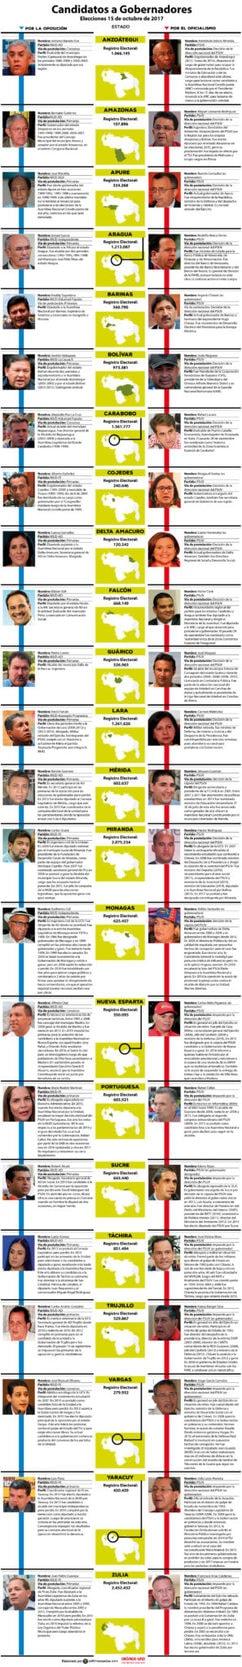 infografía, milfri pérez, elecciones regionales, candidatos, mud, psuv